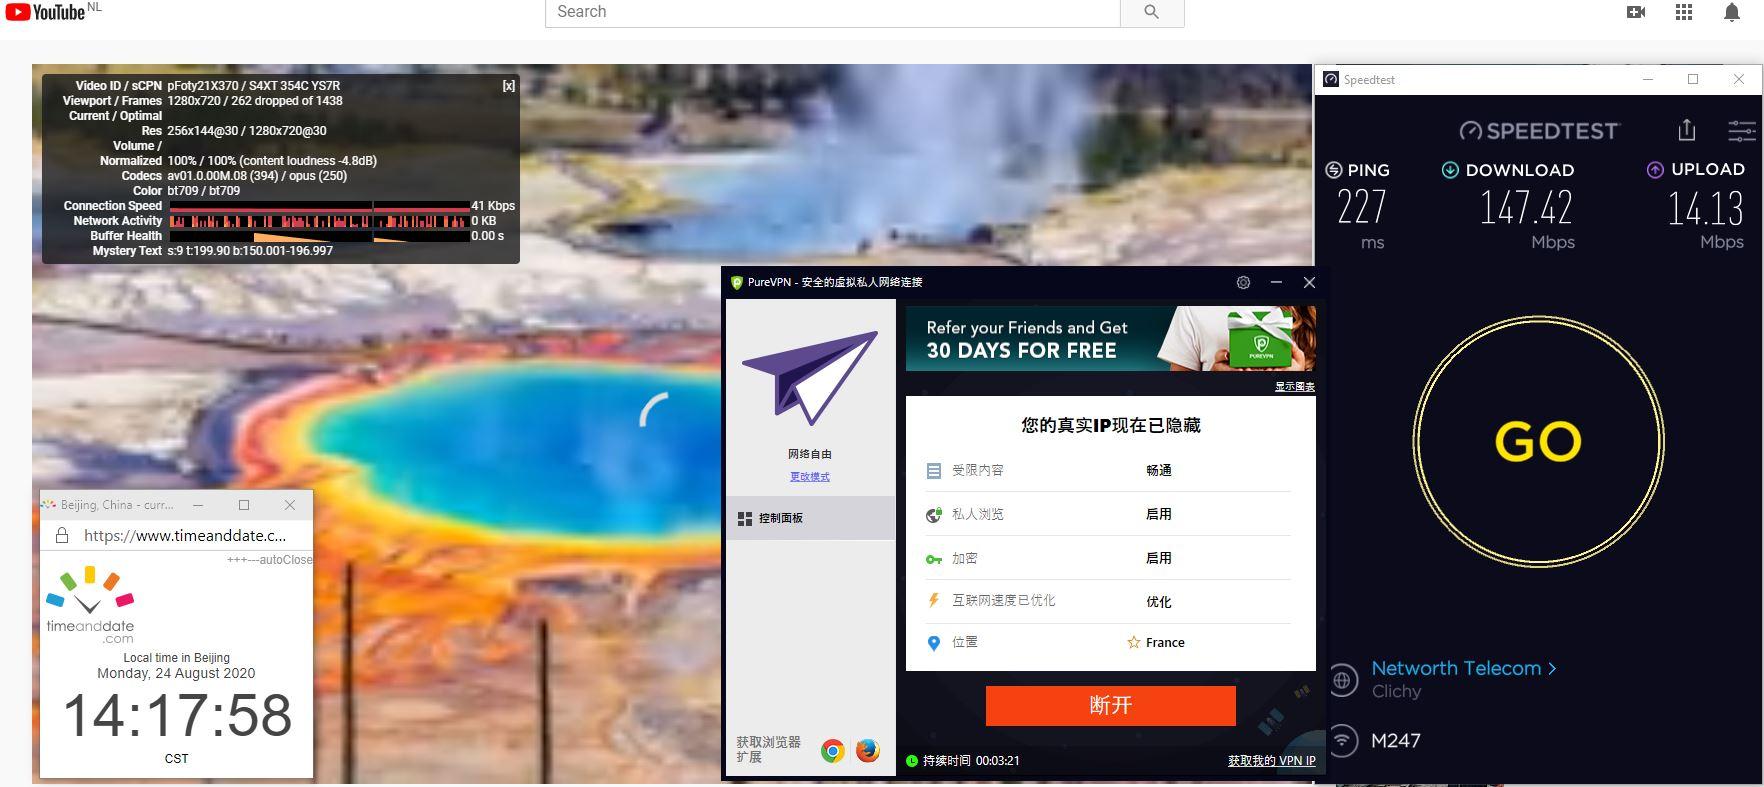 Windows10 PureVPN 自由网络 France 中国VPN 翻墙 科学上网 翻墙速度测试 SpeedTest - 20200824